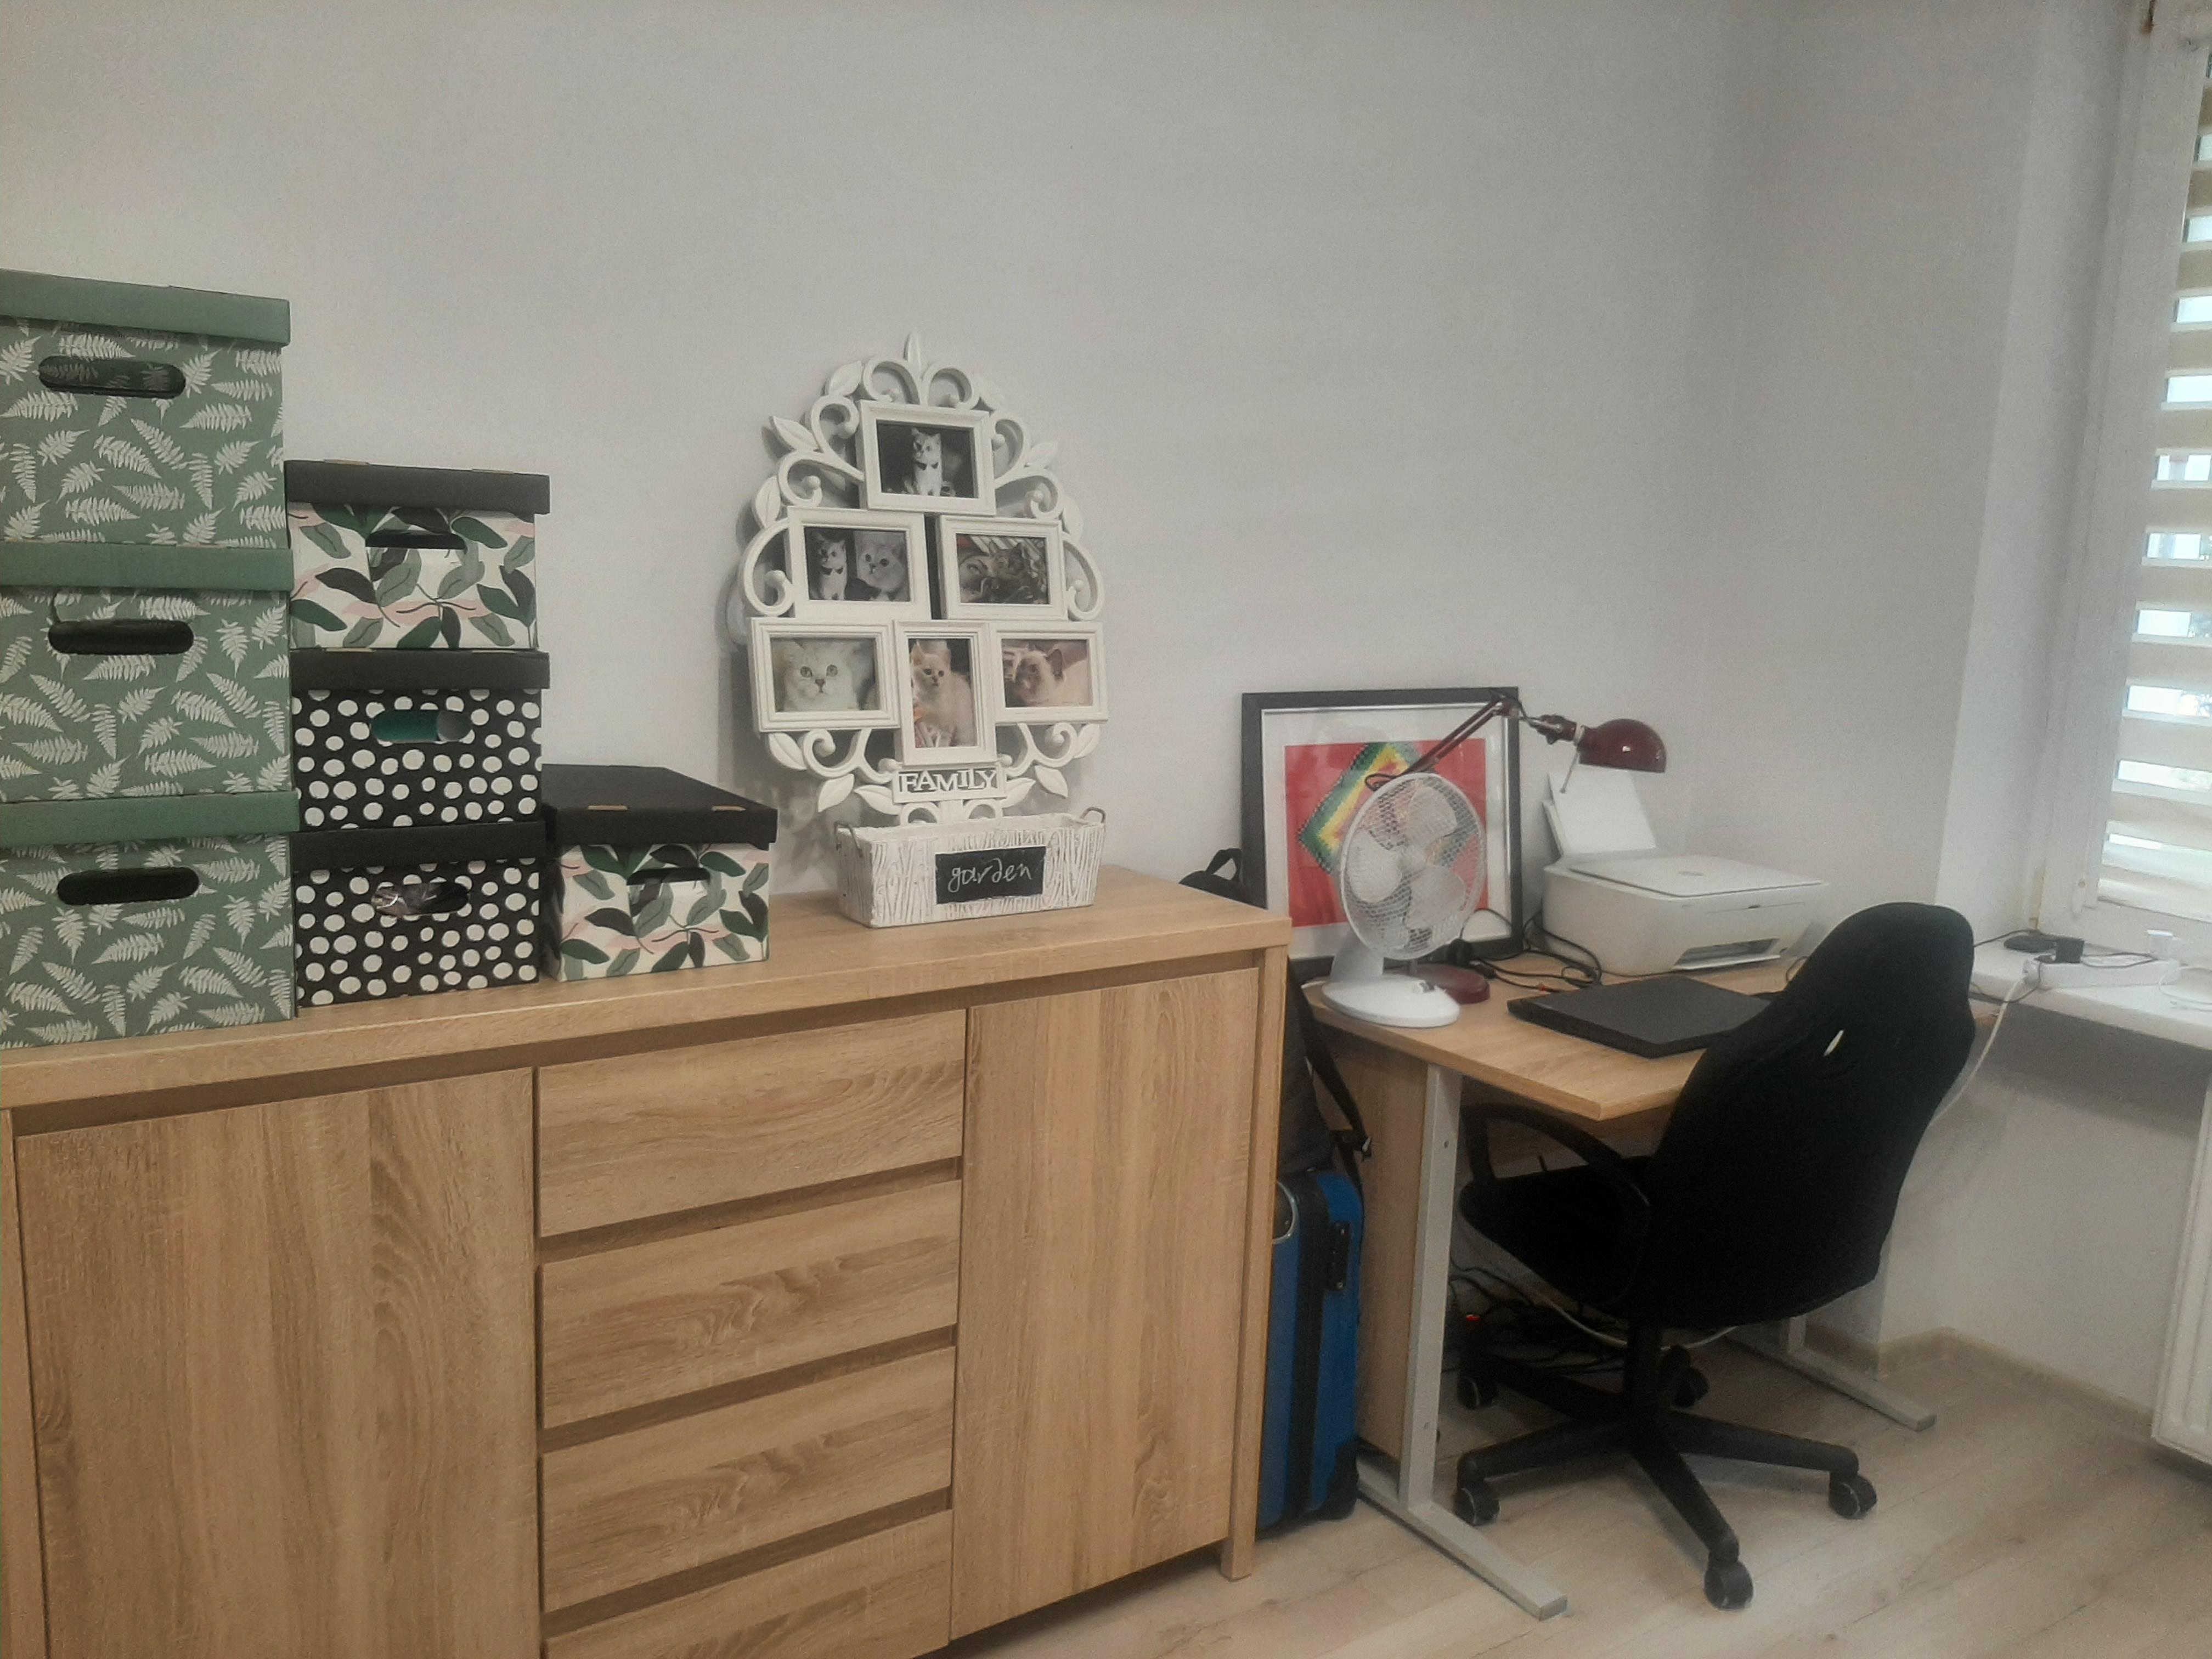 Pod ścianą stoi komoda, na której znajdują się kolorowe, tekturowe pudełka, białka ramka, w kształcie drzew, na którą składają się mniejsze rami, w które włożone są zdjęcia kotów. Obok komody toi biurko, przy którym stoi czarne krzesło a